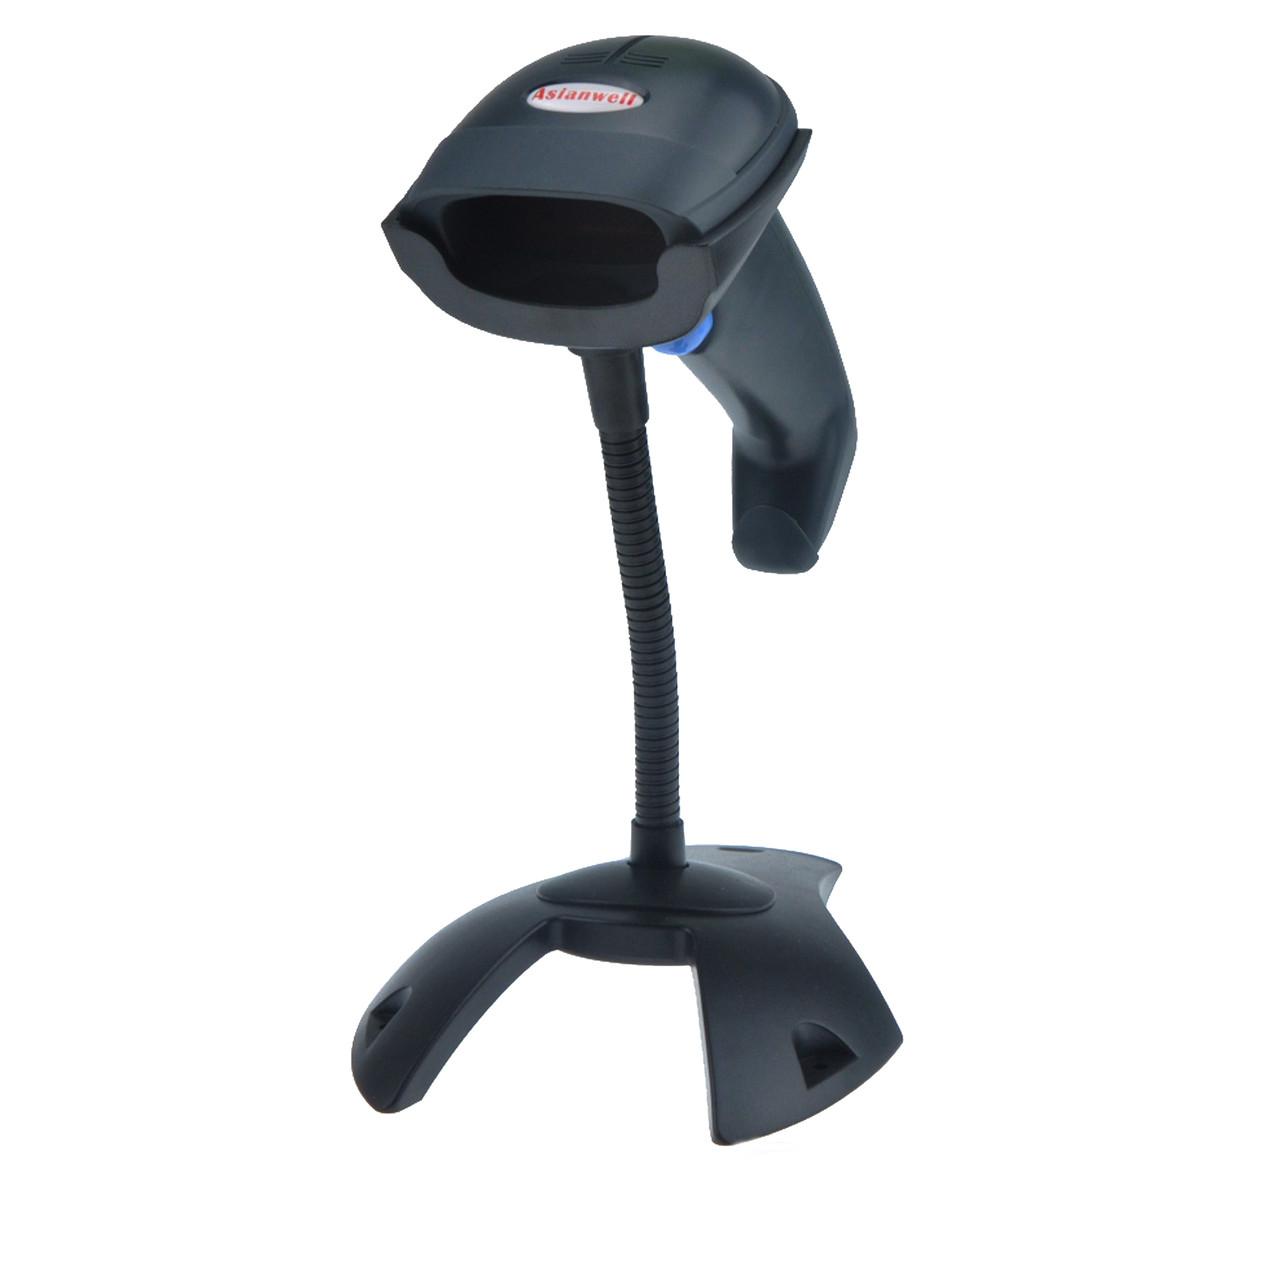 Cканер штрих-кода проводной Asianwell AW-2055 чёрный (AW-2055)